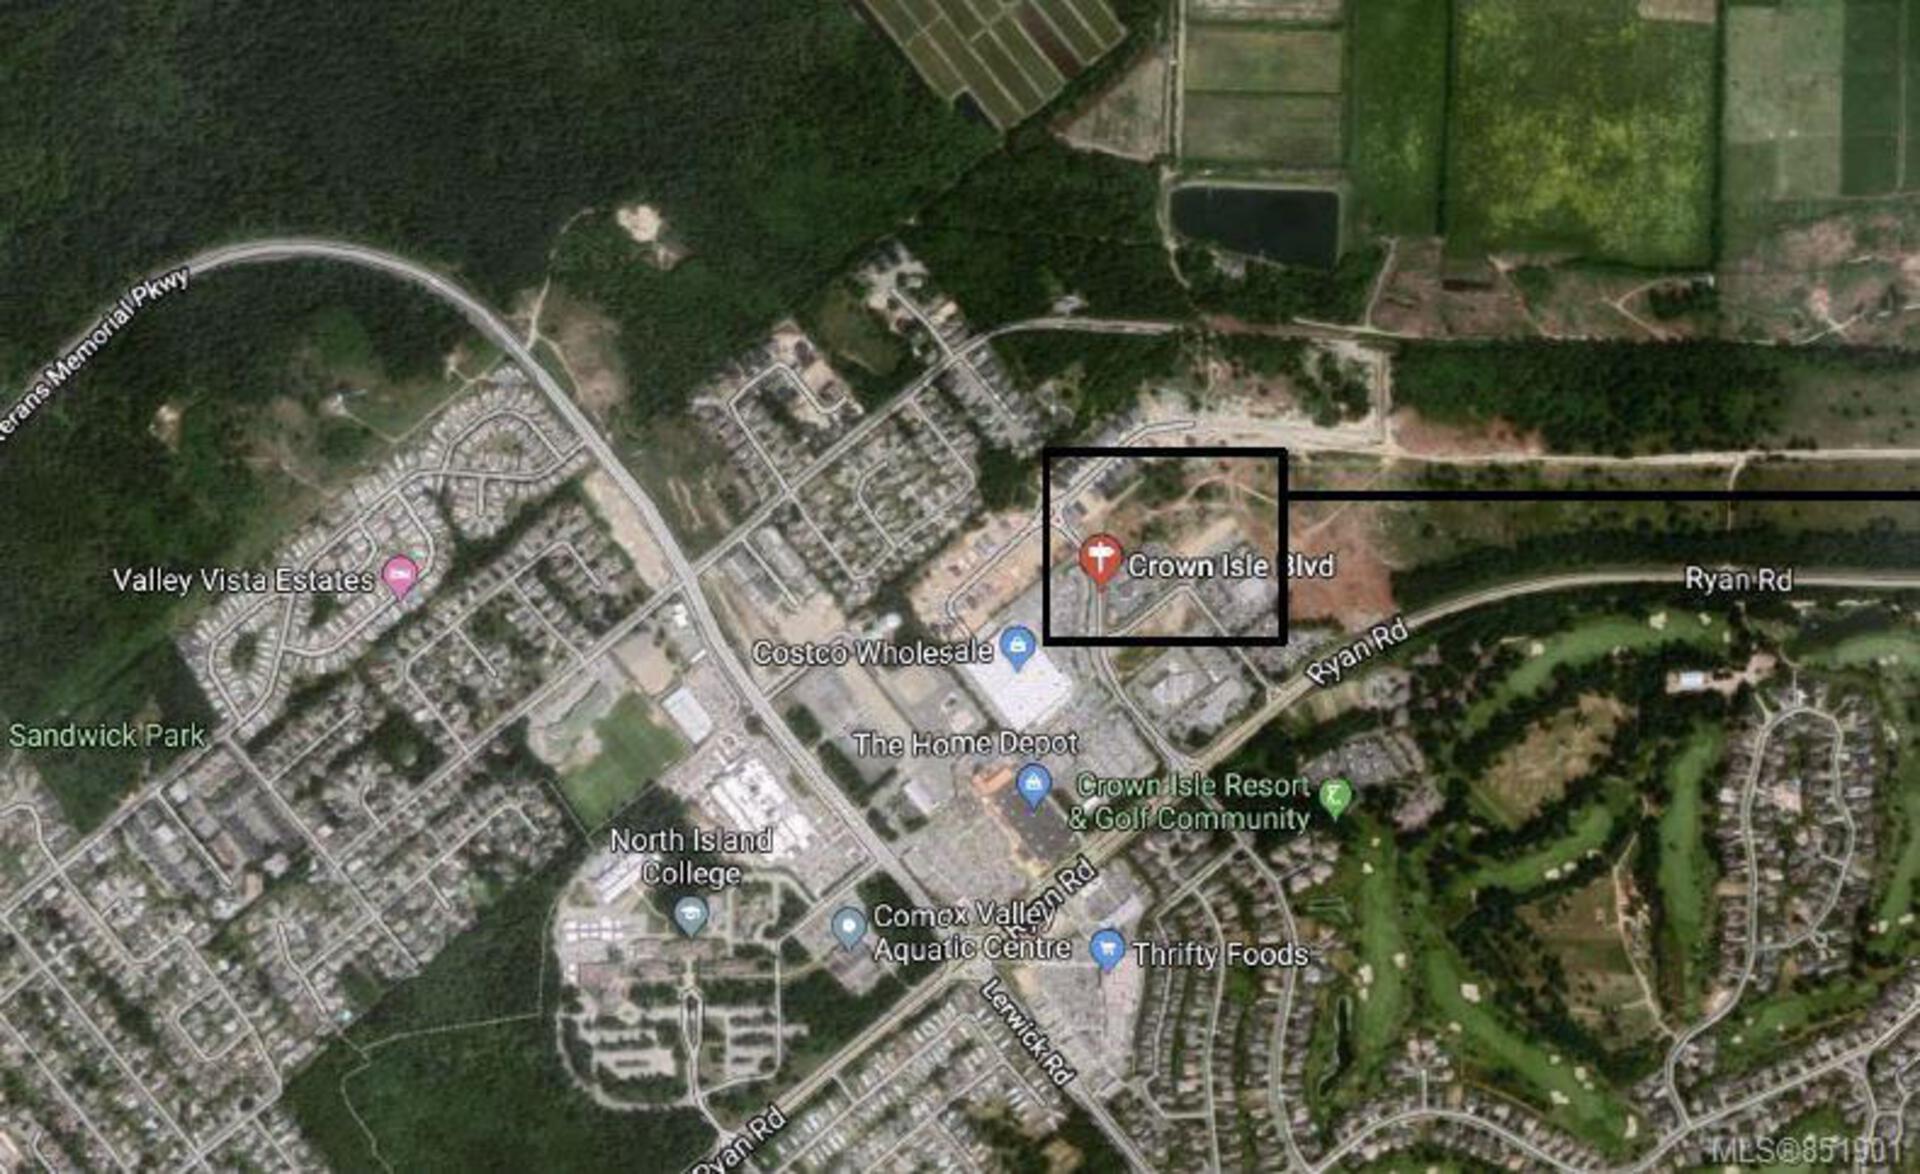 623-crown-isle-boulevard-crown-isle-comox-valley-03 at SL 6 - 623 Crown Isle Boulevard, Crown Isle, Comox Valley